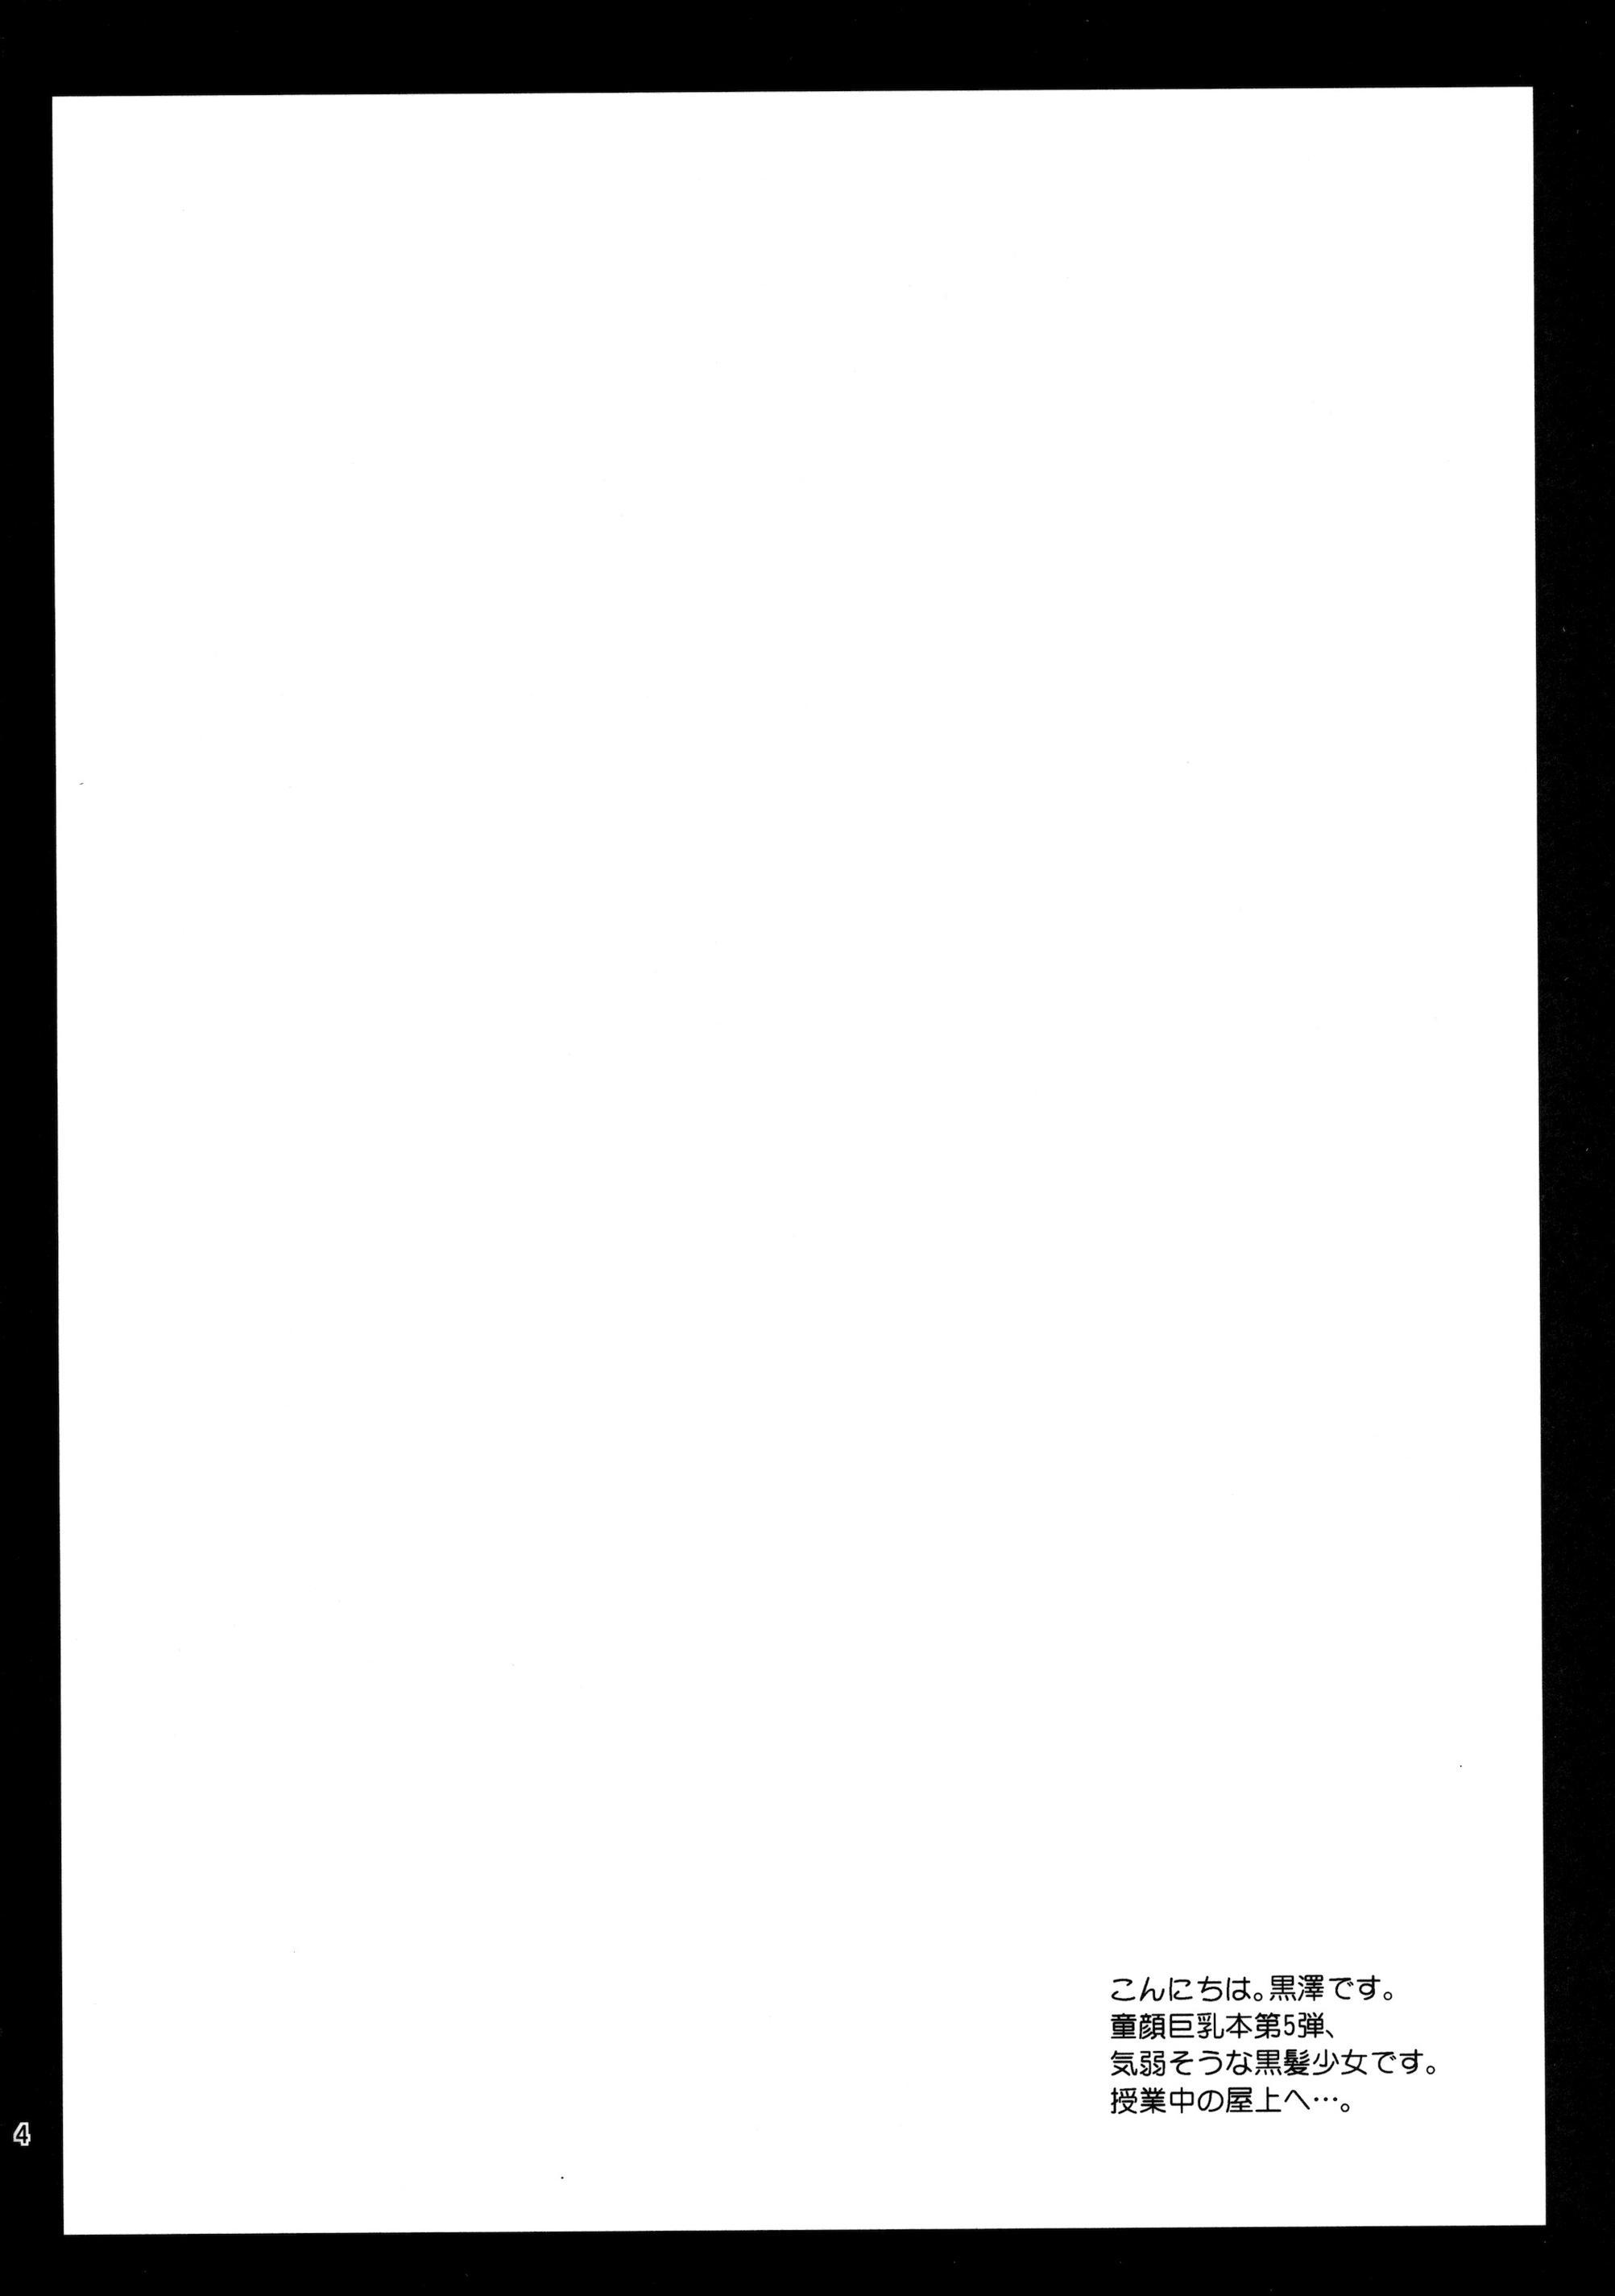 【エロ漫画・エロ同人誌】彼氏にエッチな調教されてる巨乳女子校生www (3)